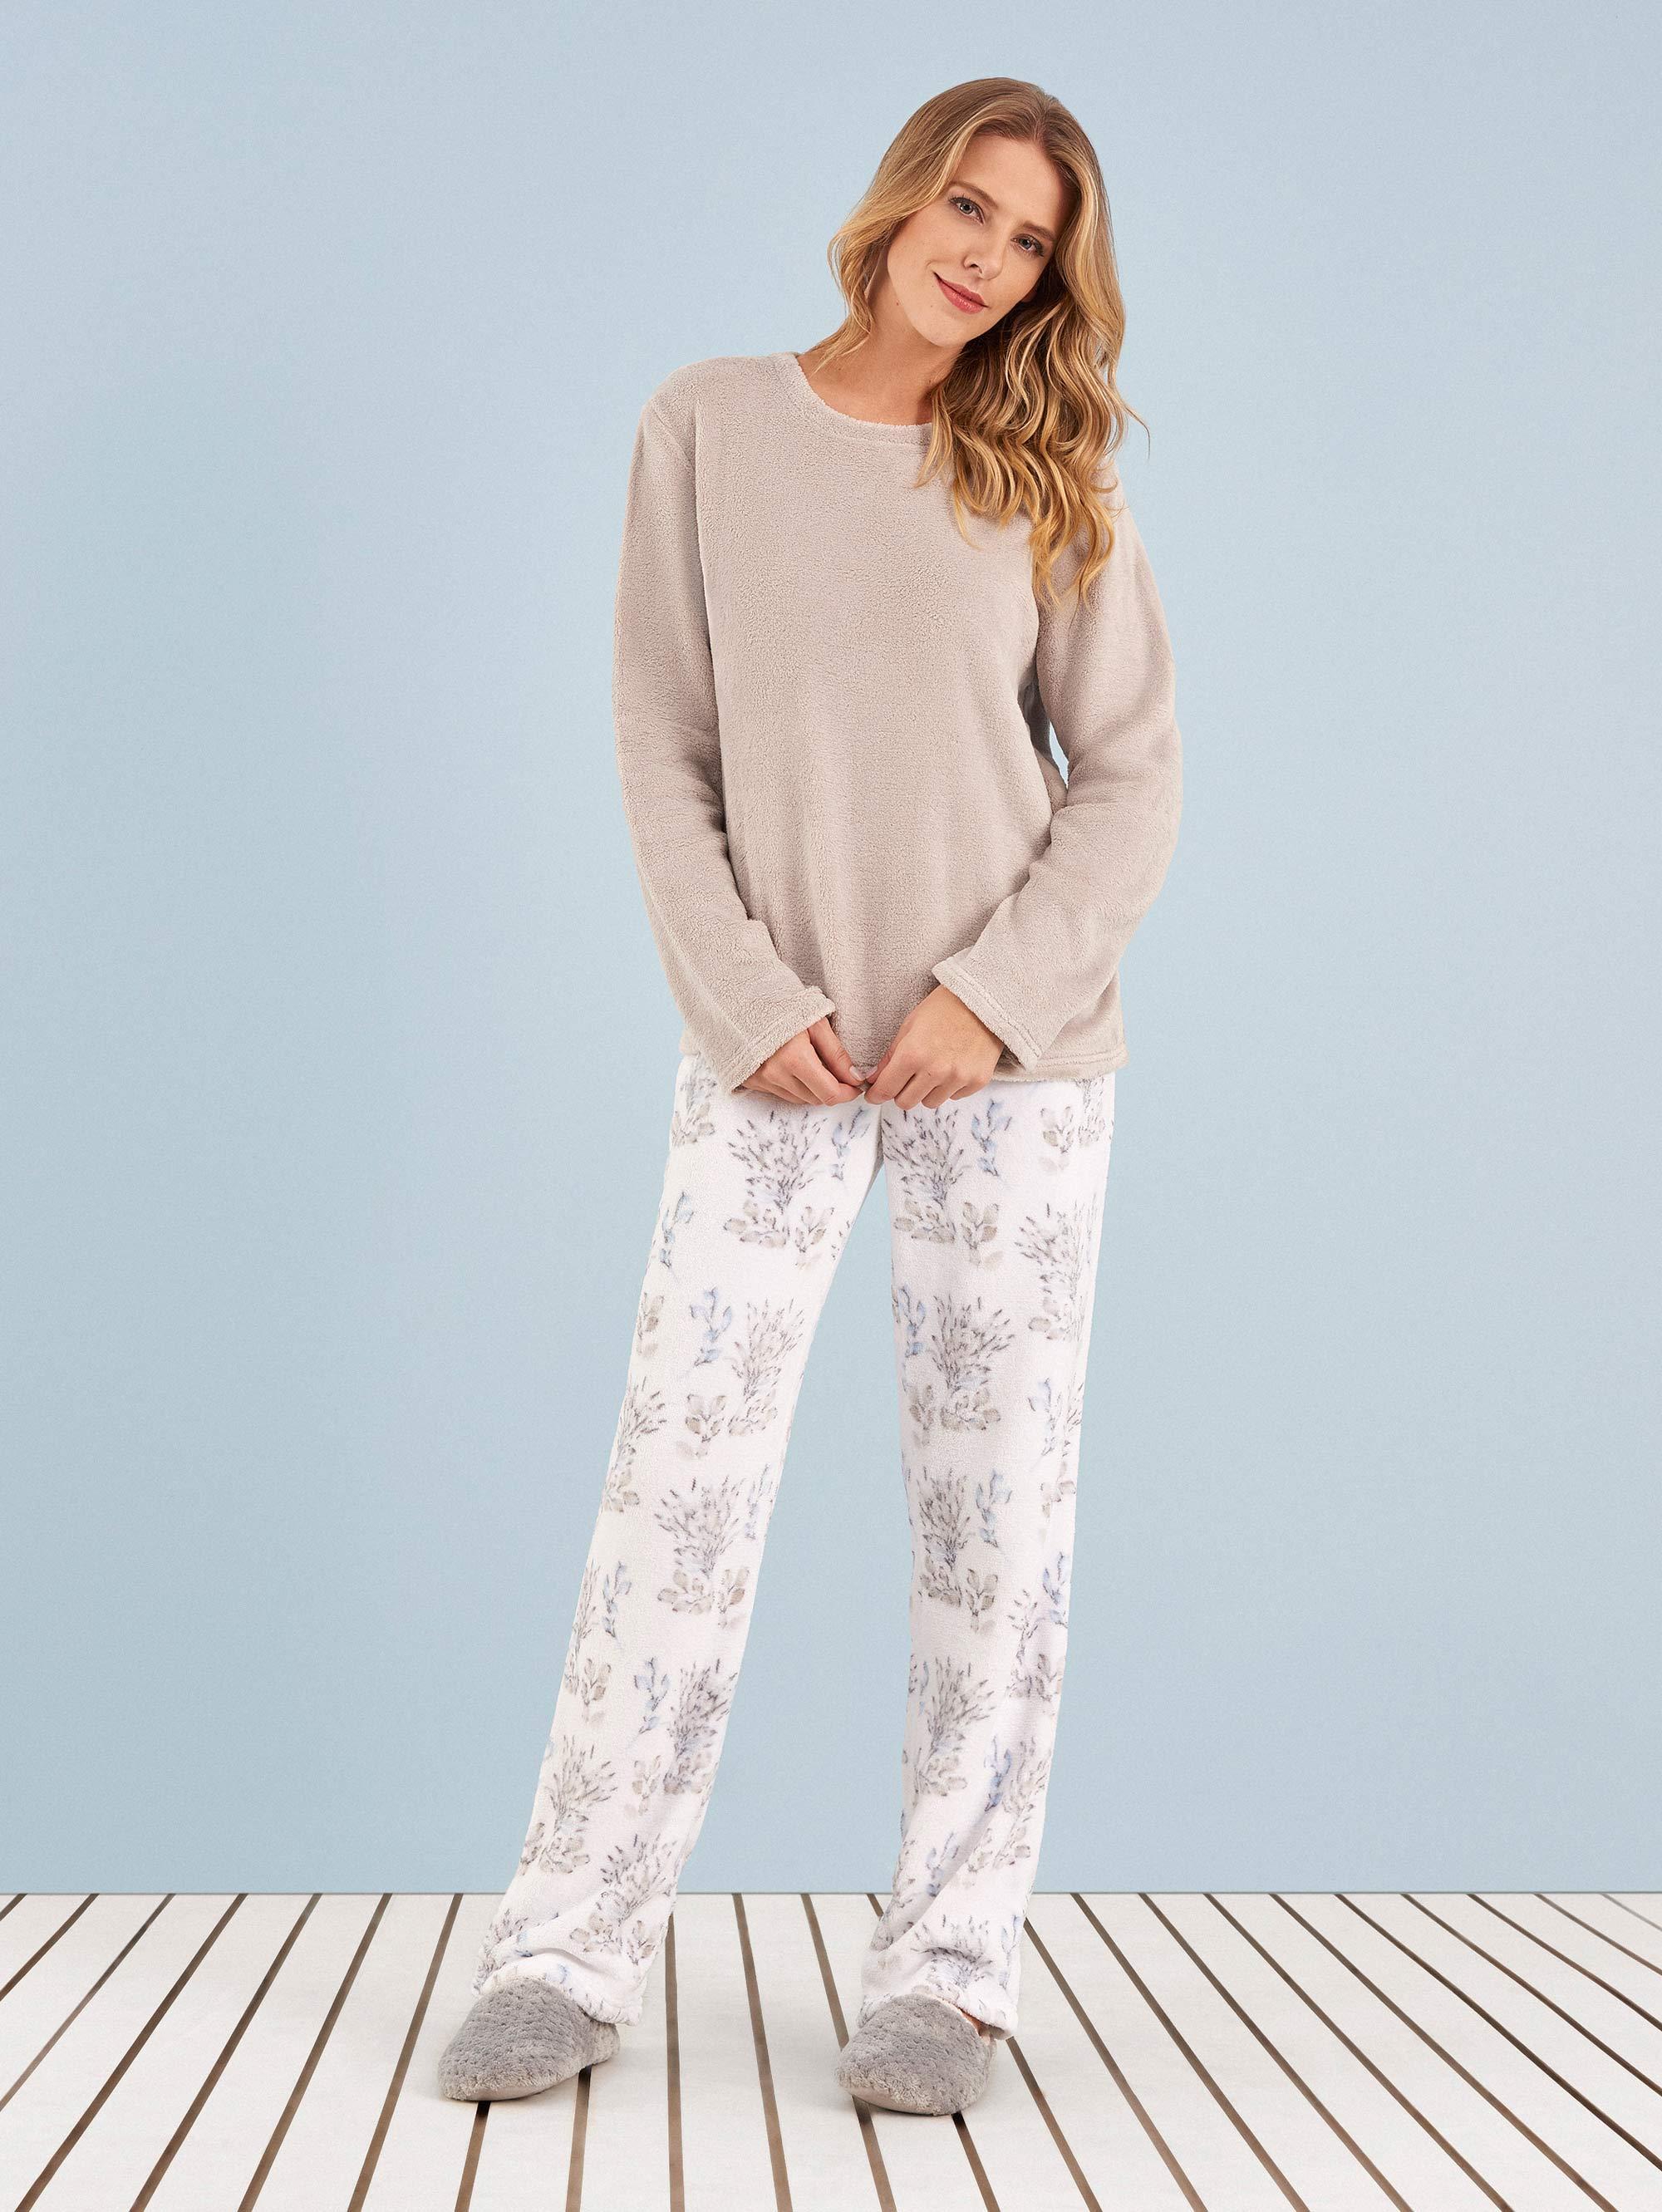 4a823992a0 pijama-manga-longa-soft-folhas-nina-any-any